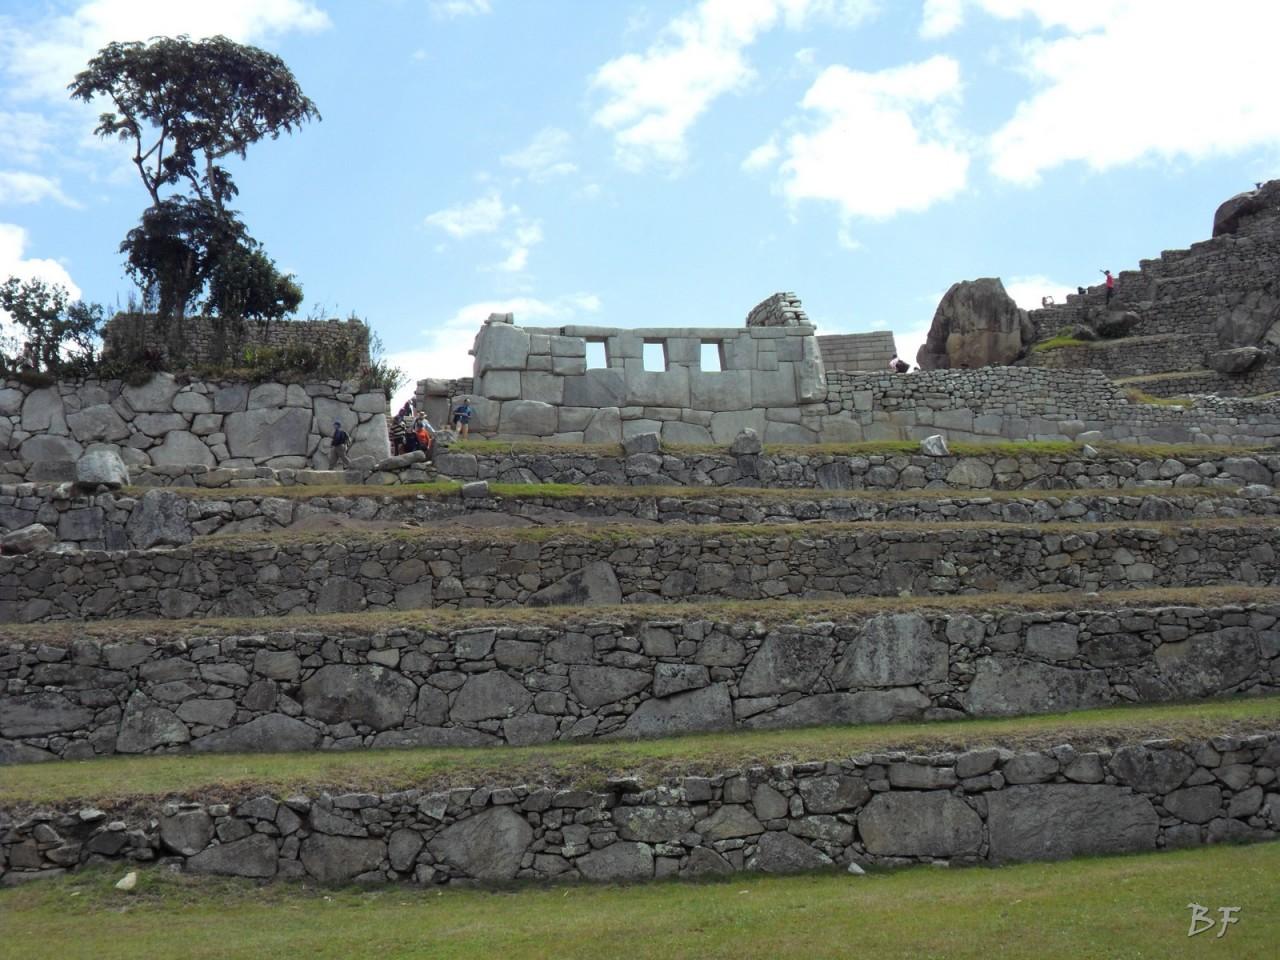 Mura-Poligonali-Incisioni-Altari-Edifici-Rupestri-Megaliti-Machu-Picchu-Aguas-Calientes-Urubamba-Cusco-Perù-148